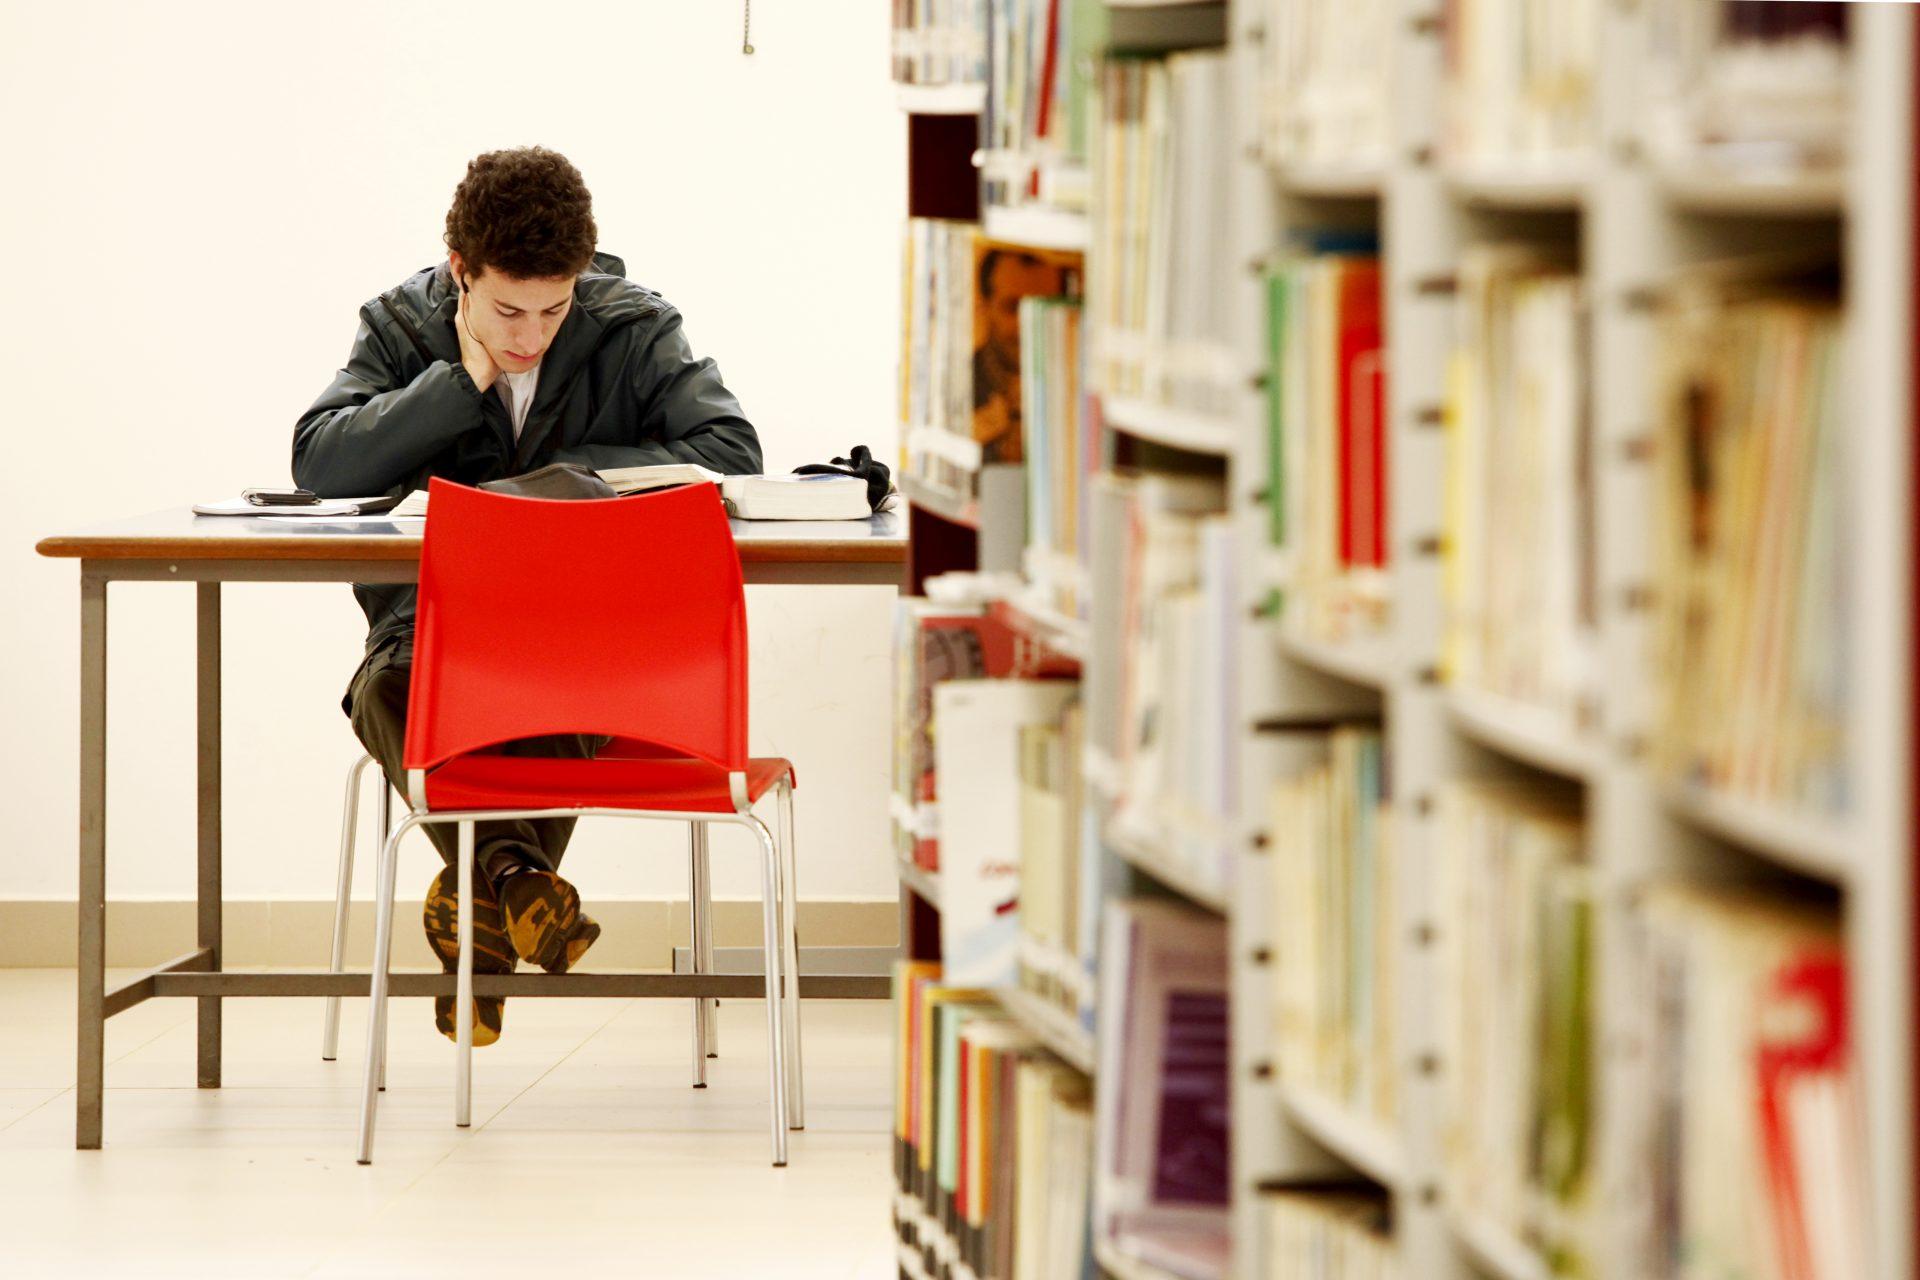 Biblioteca Central da UEPG promove webinar sobre pesquisa em banco de dados